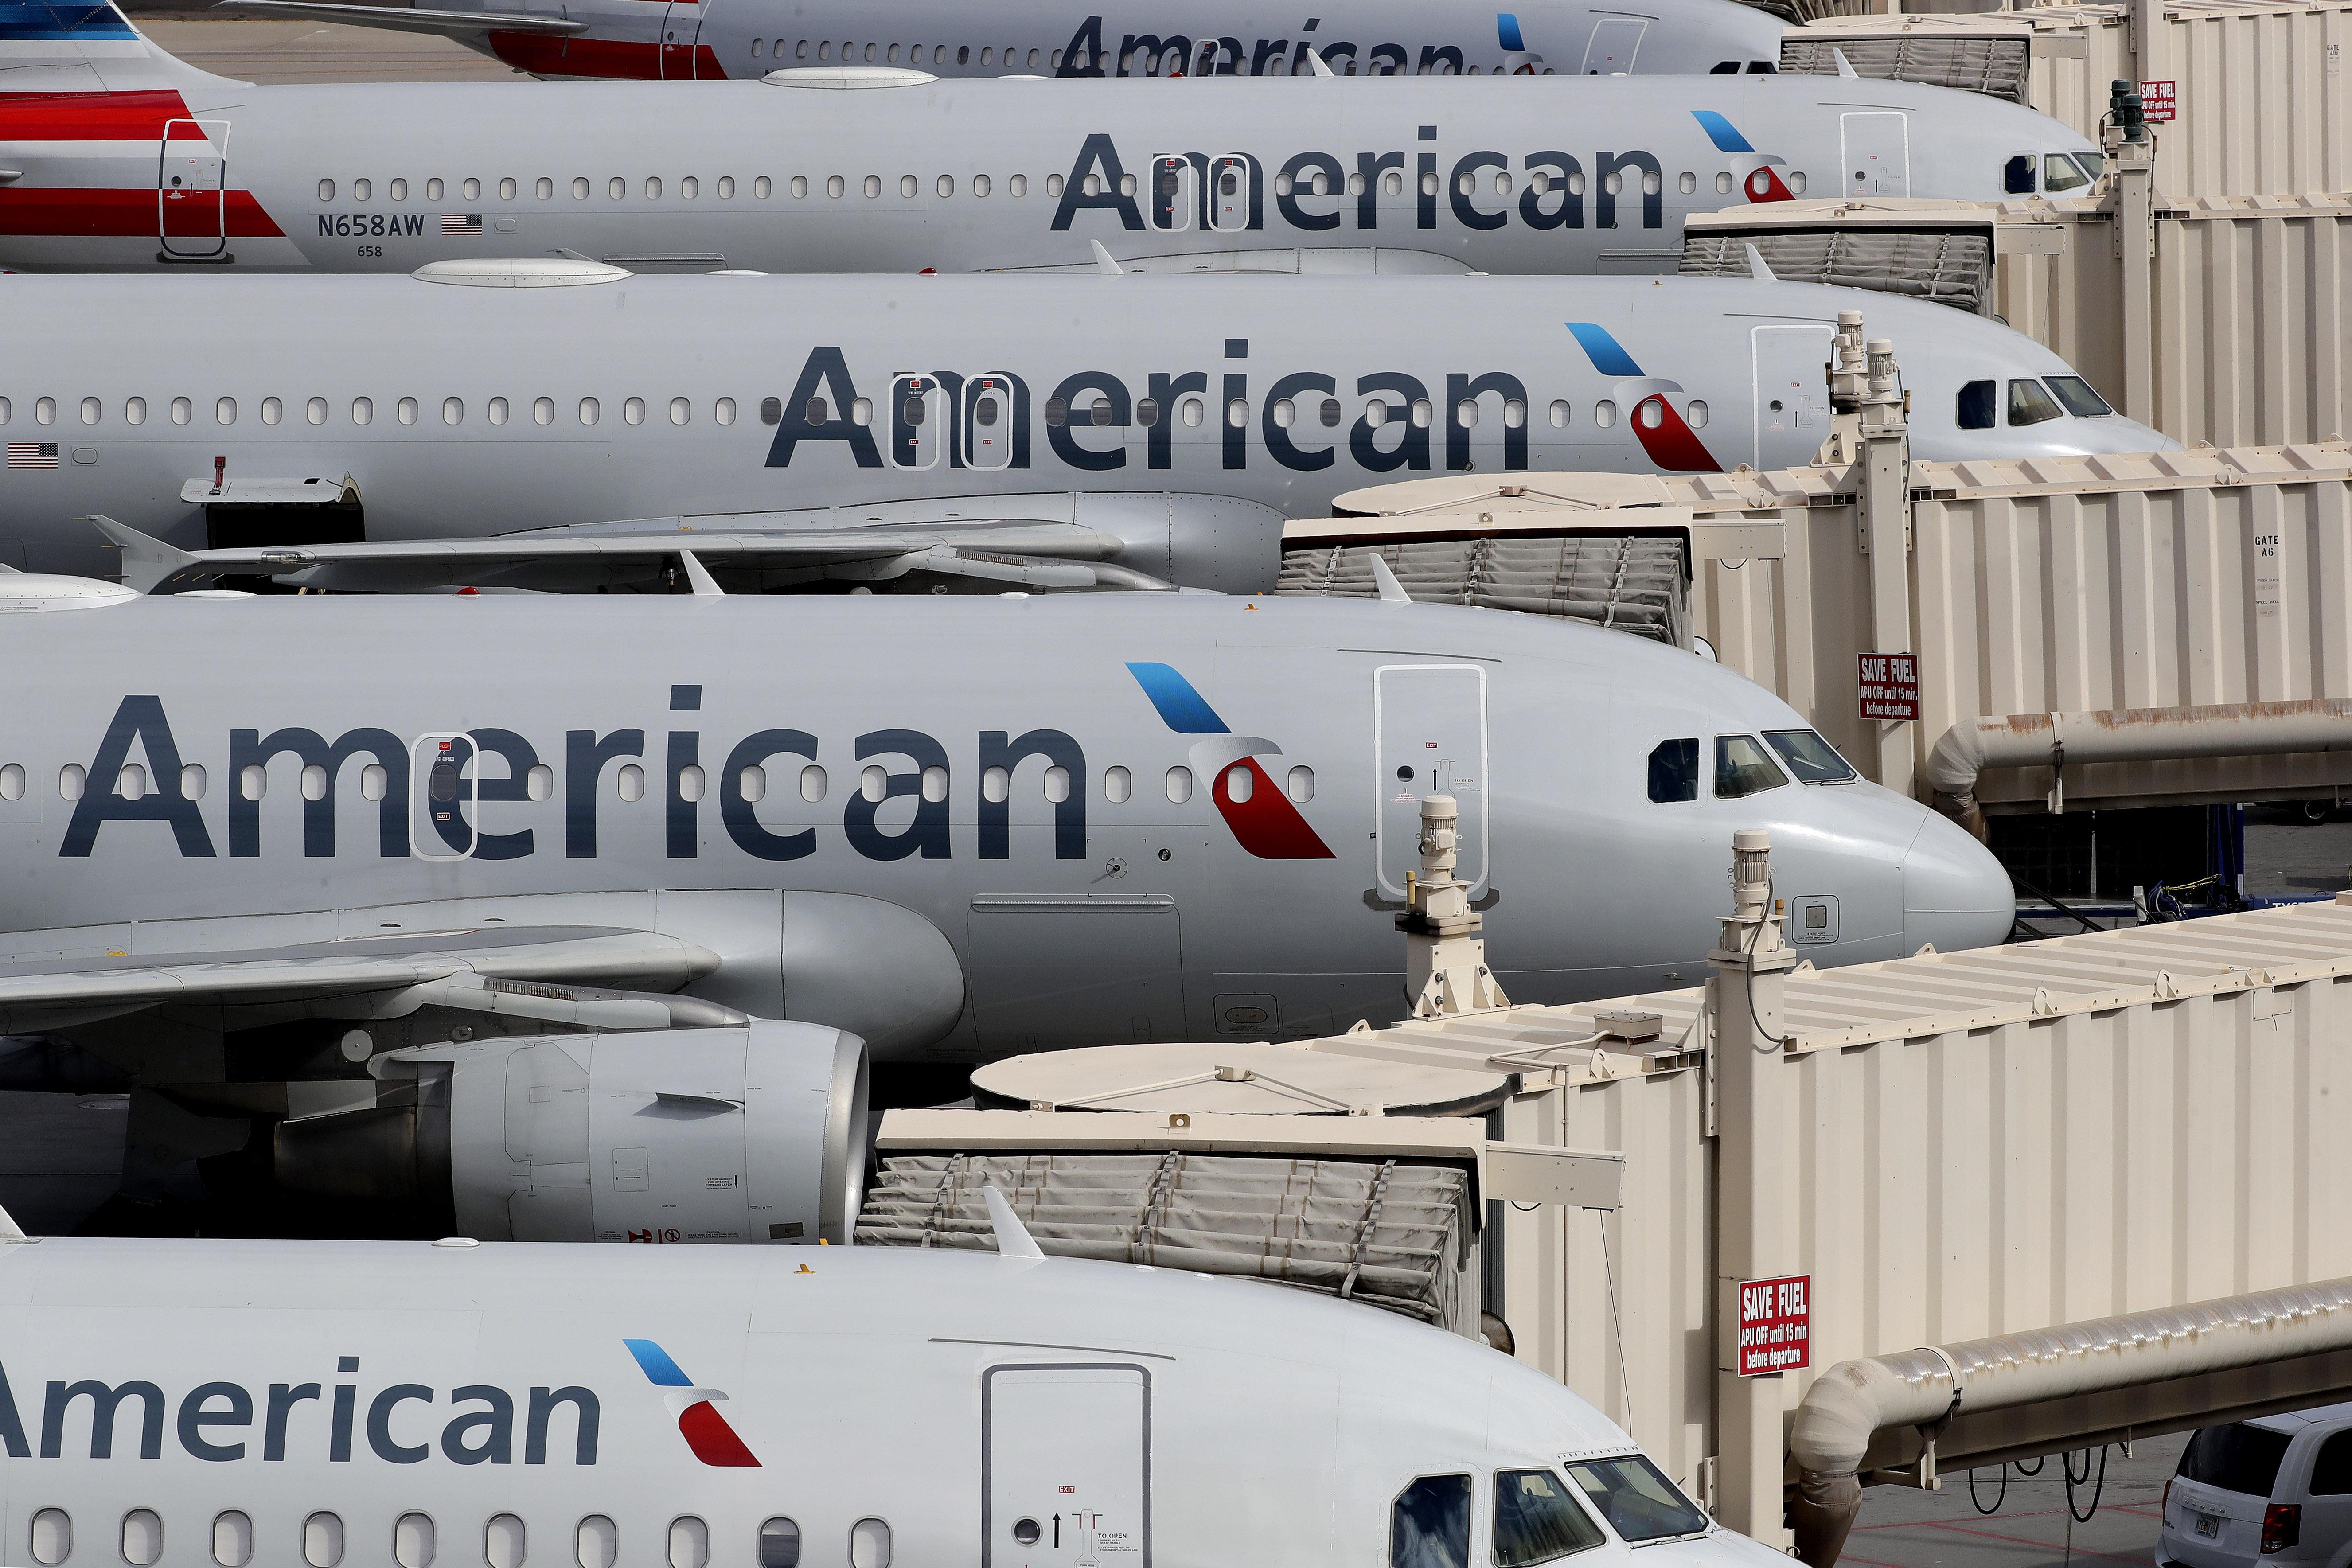 Lezavartak egy utast az American Airlines járatáról, mert nem akart maszkot viselni